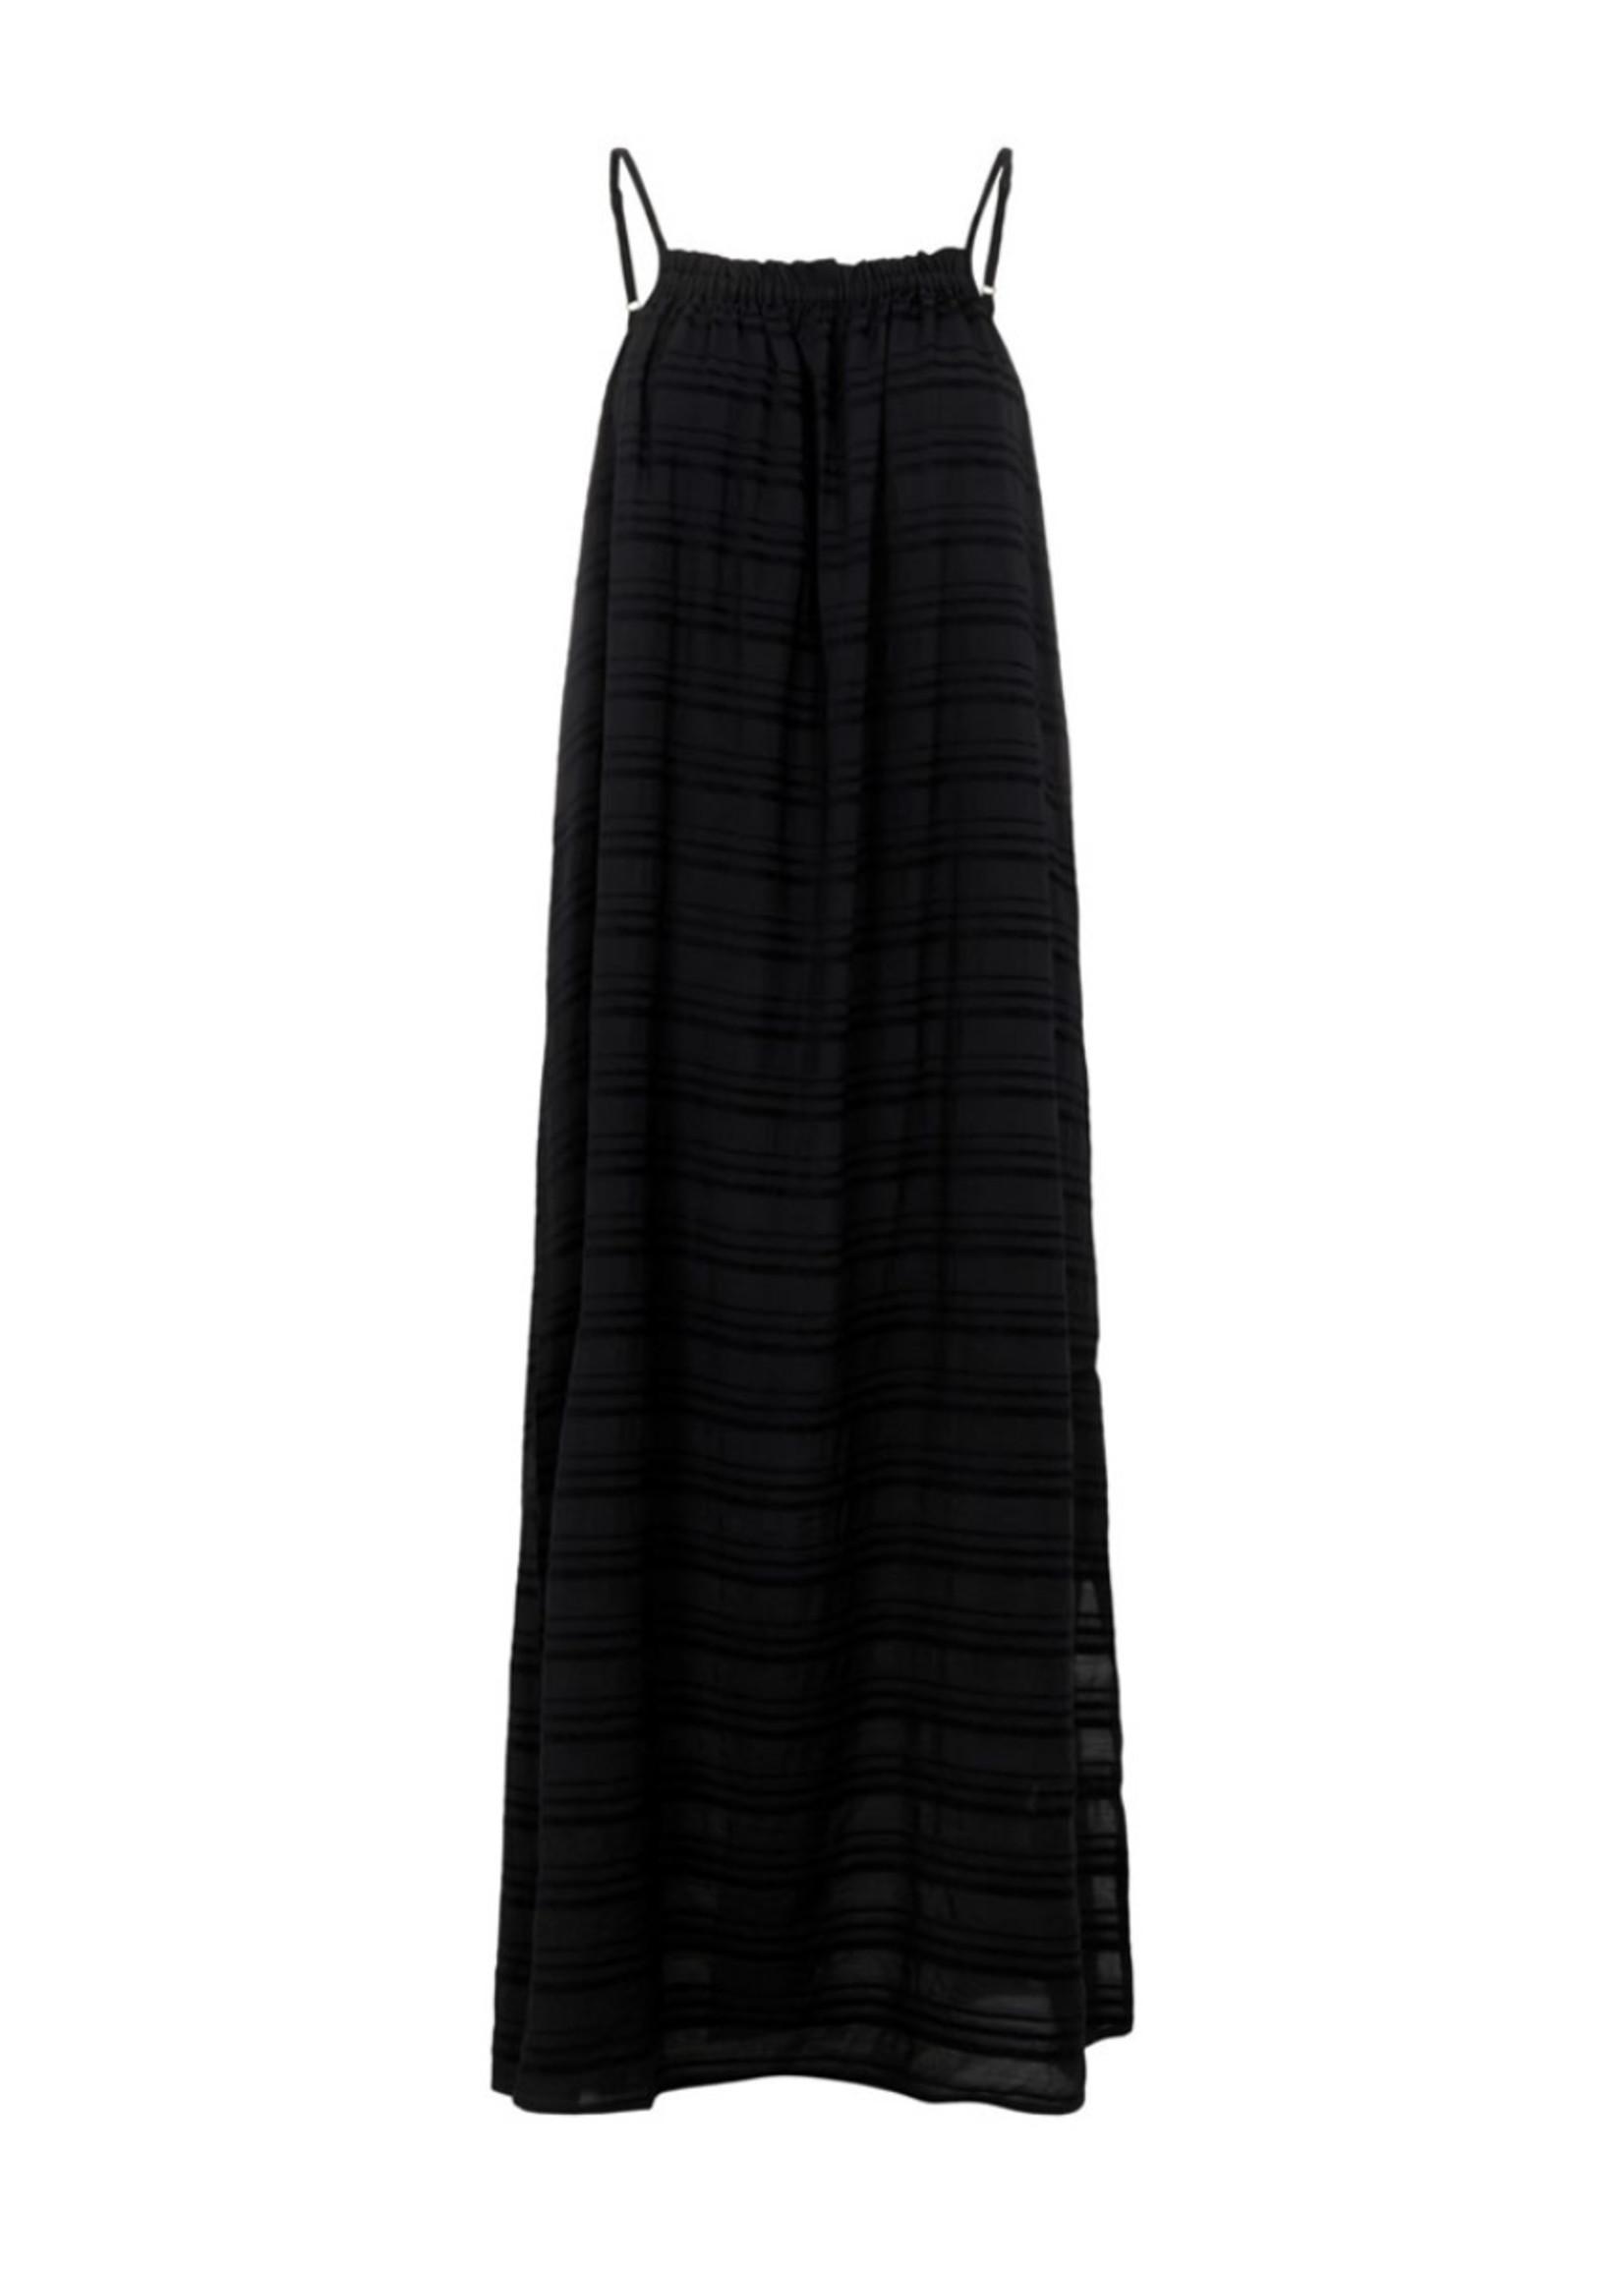 OBJECT OBJRAFIA S/L DRESS 114 Black